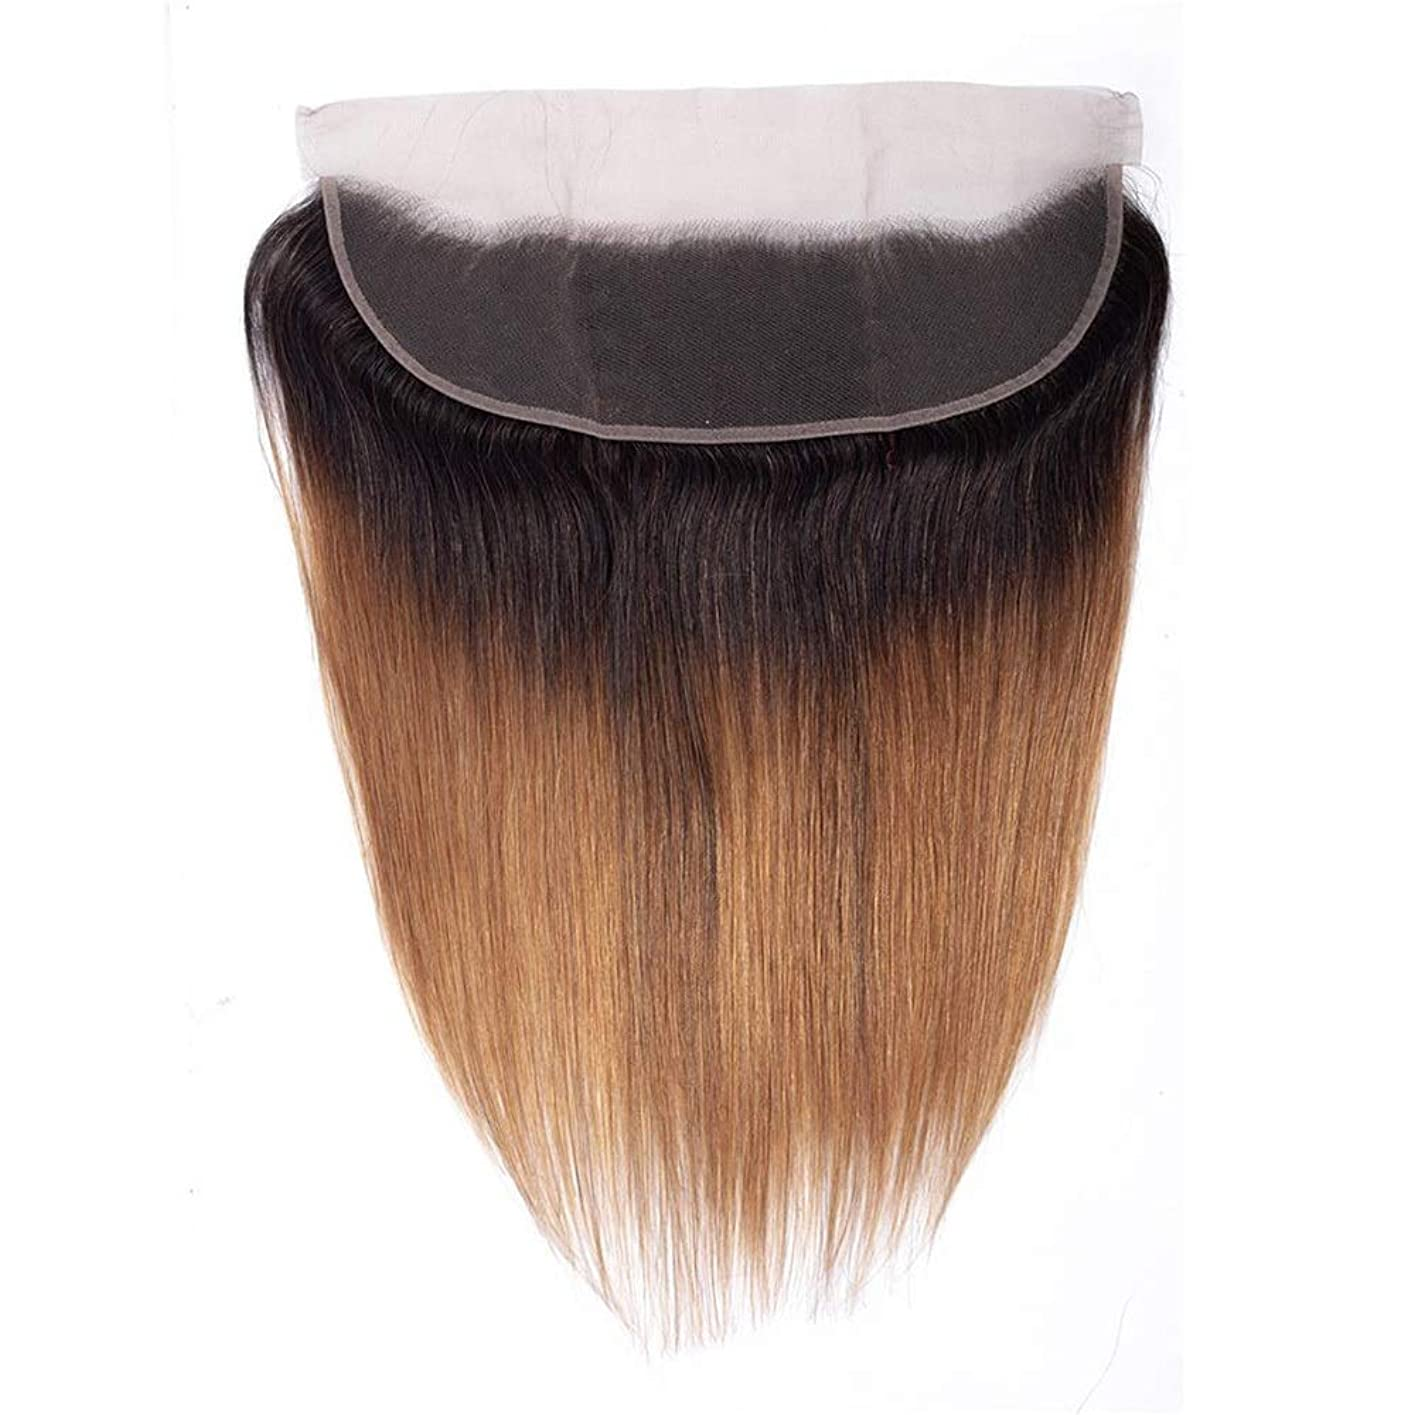 血操るモジュールYESONEEP ブラジルの人間の髪の毛ストレート13 * 4レースクロージャー1B / 30黒から茶色の2トーンの色(8インチ18インチ)かつらショートかつら (色 : ブラウン, サイズ : 12 inch)